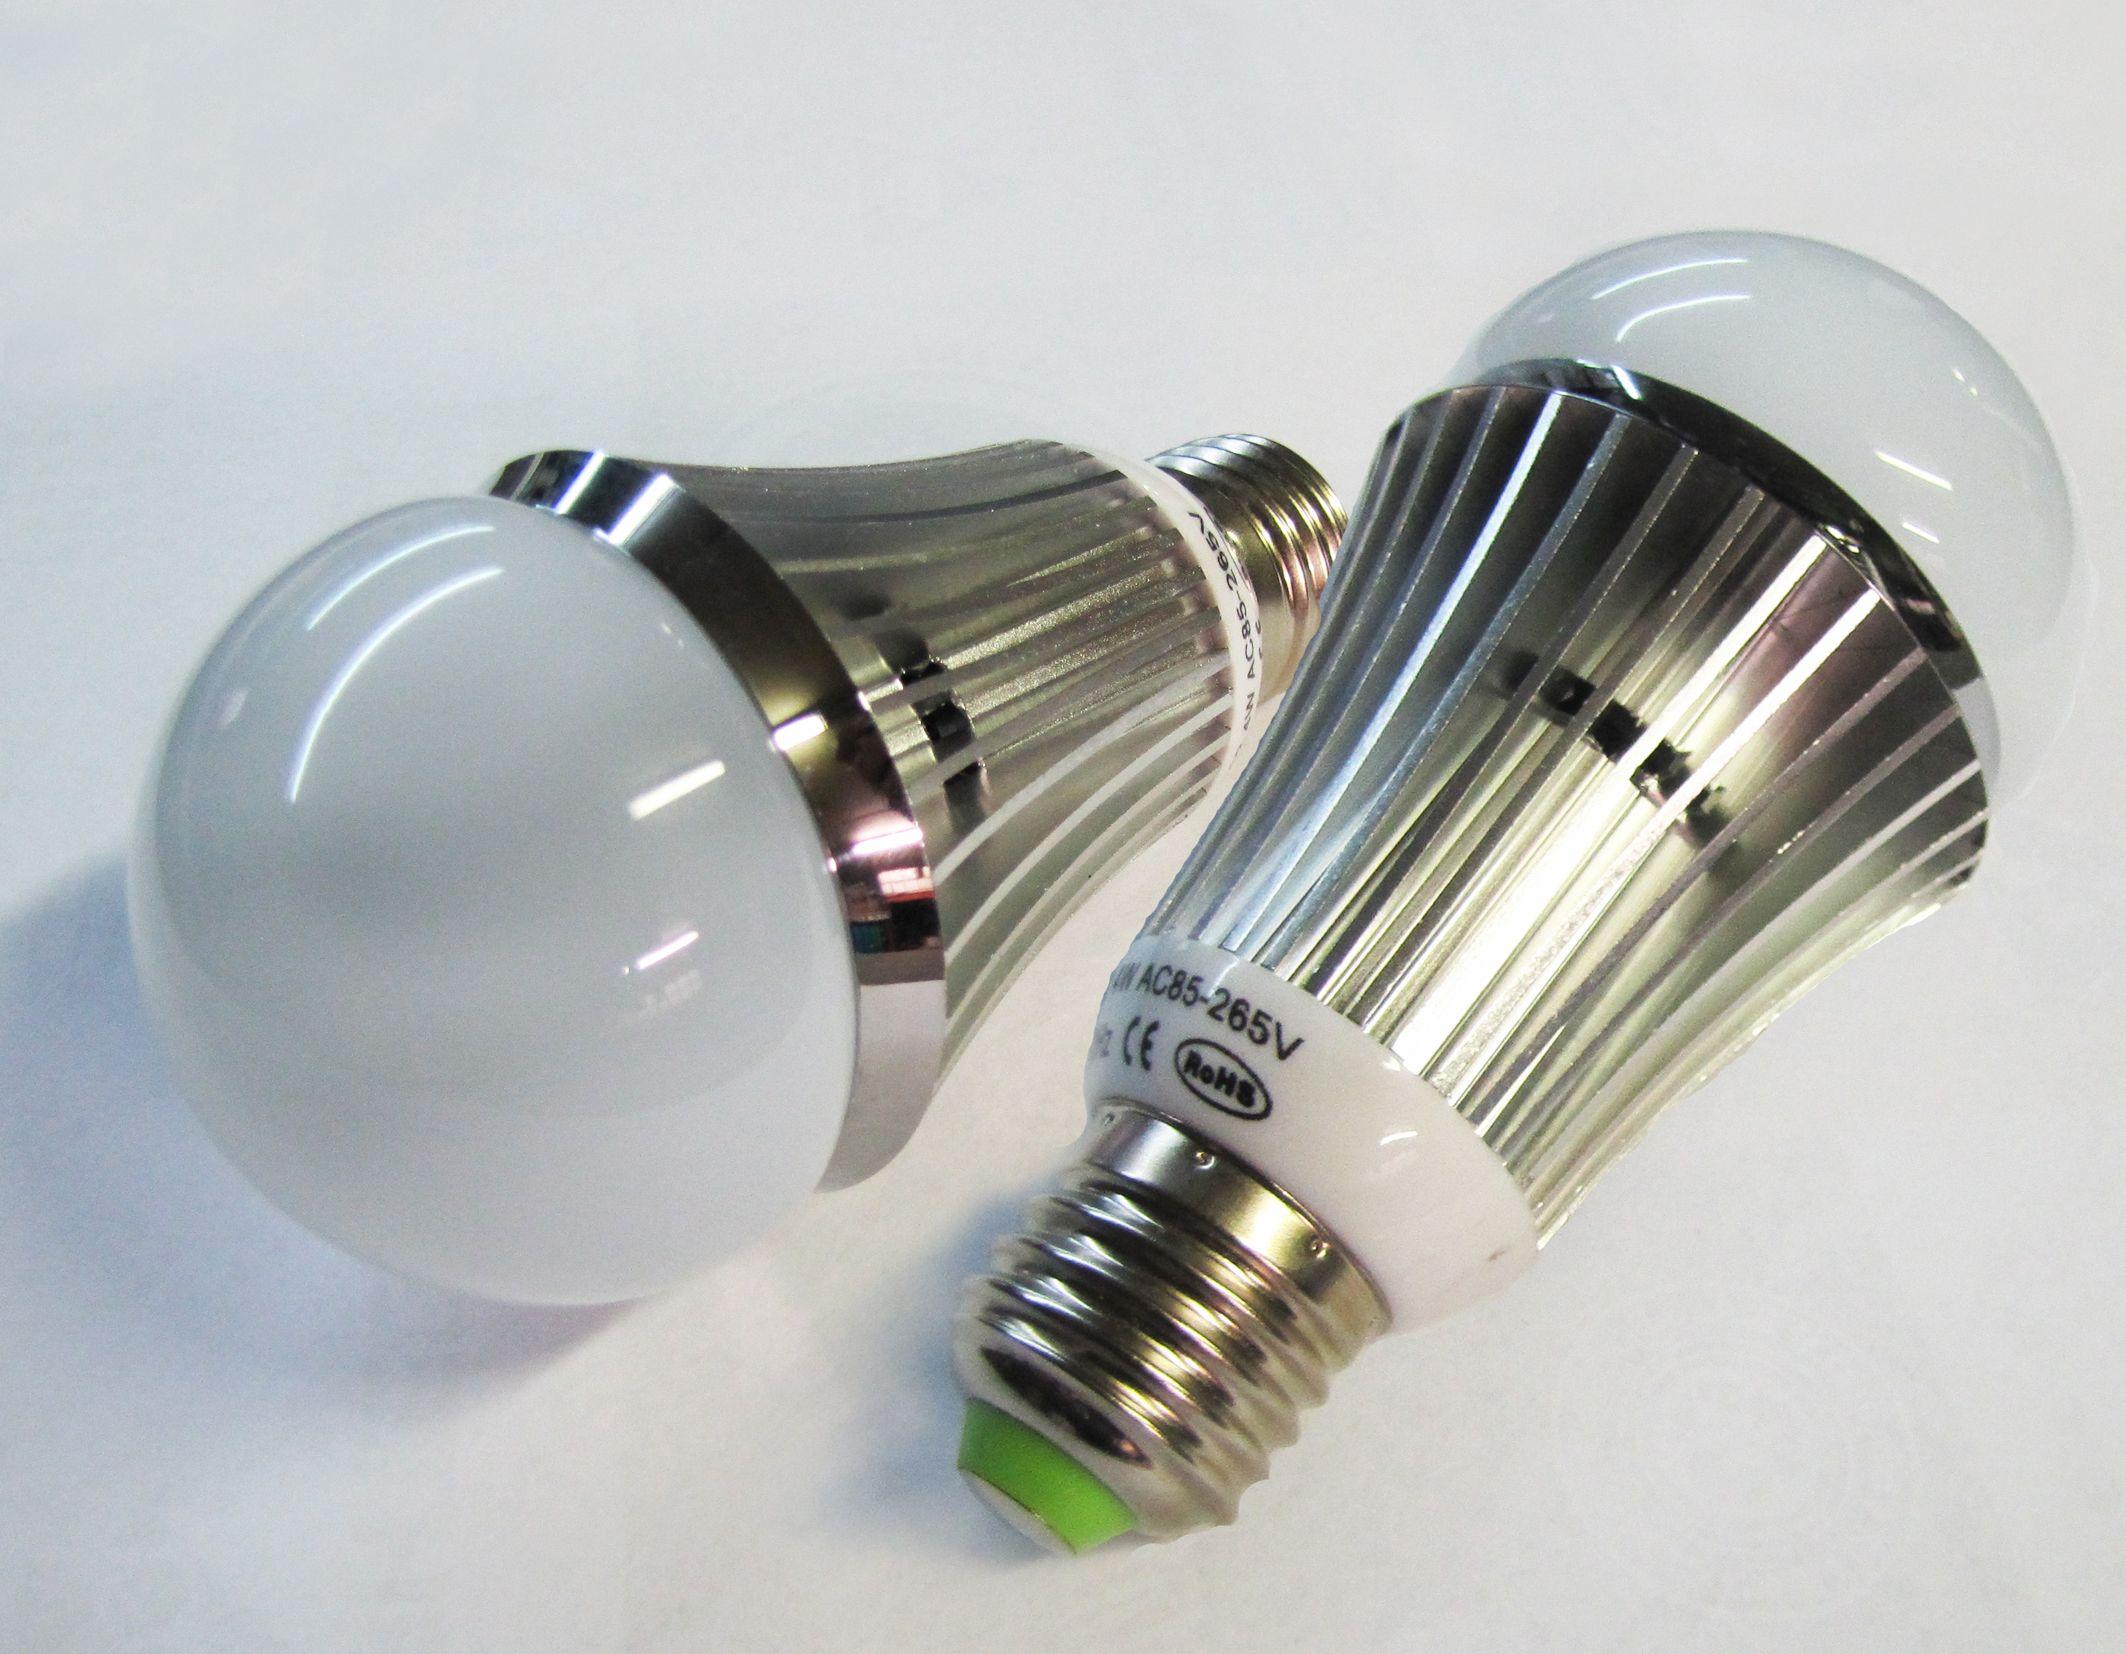 Bombillos LED con zócalo E27 para remplazo directo de luces incandescentes o bajo consumo, reduciendo hasta un 85% en el gasto eléctrico. Duración de más de 50.000 horas y cero mantenimiento. Completamente reciclable.